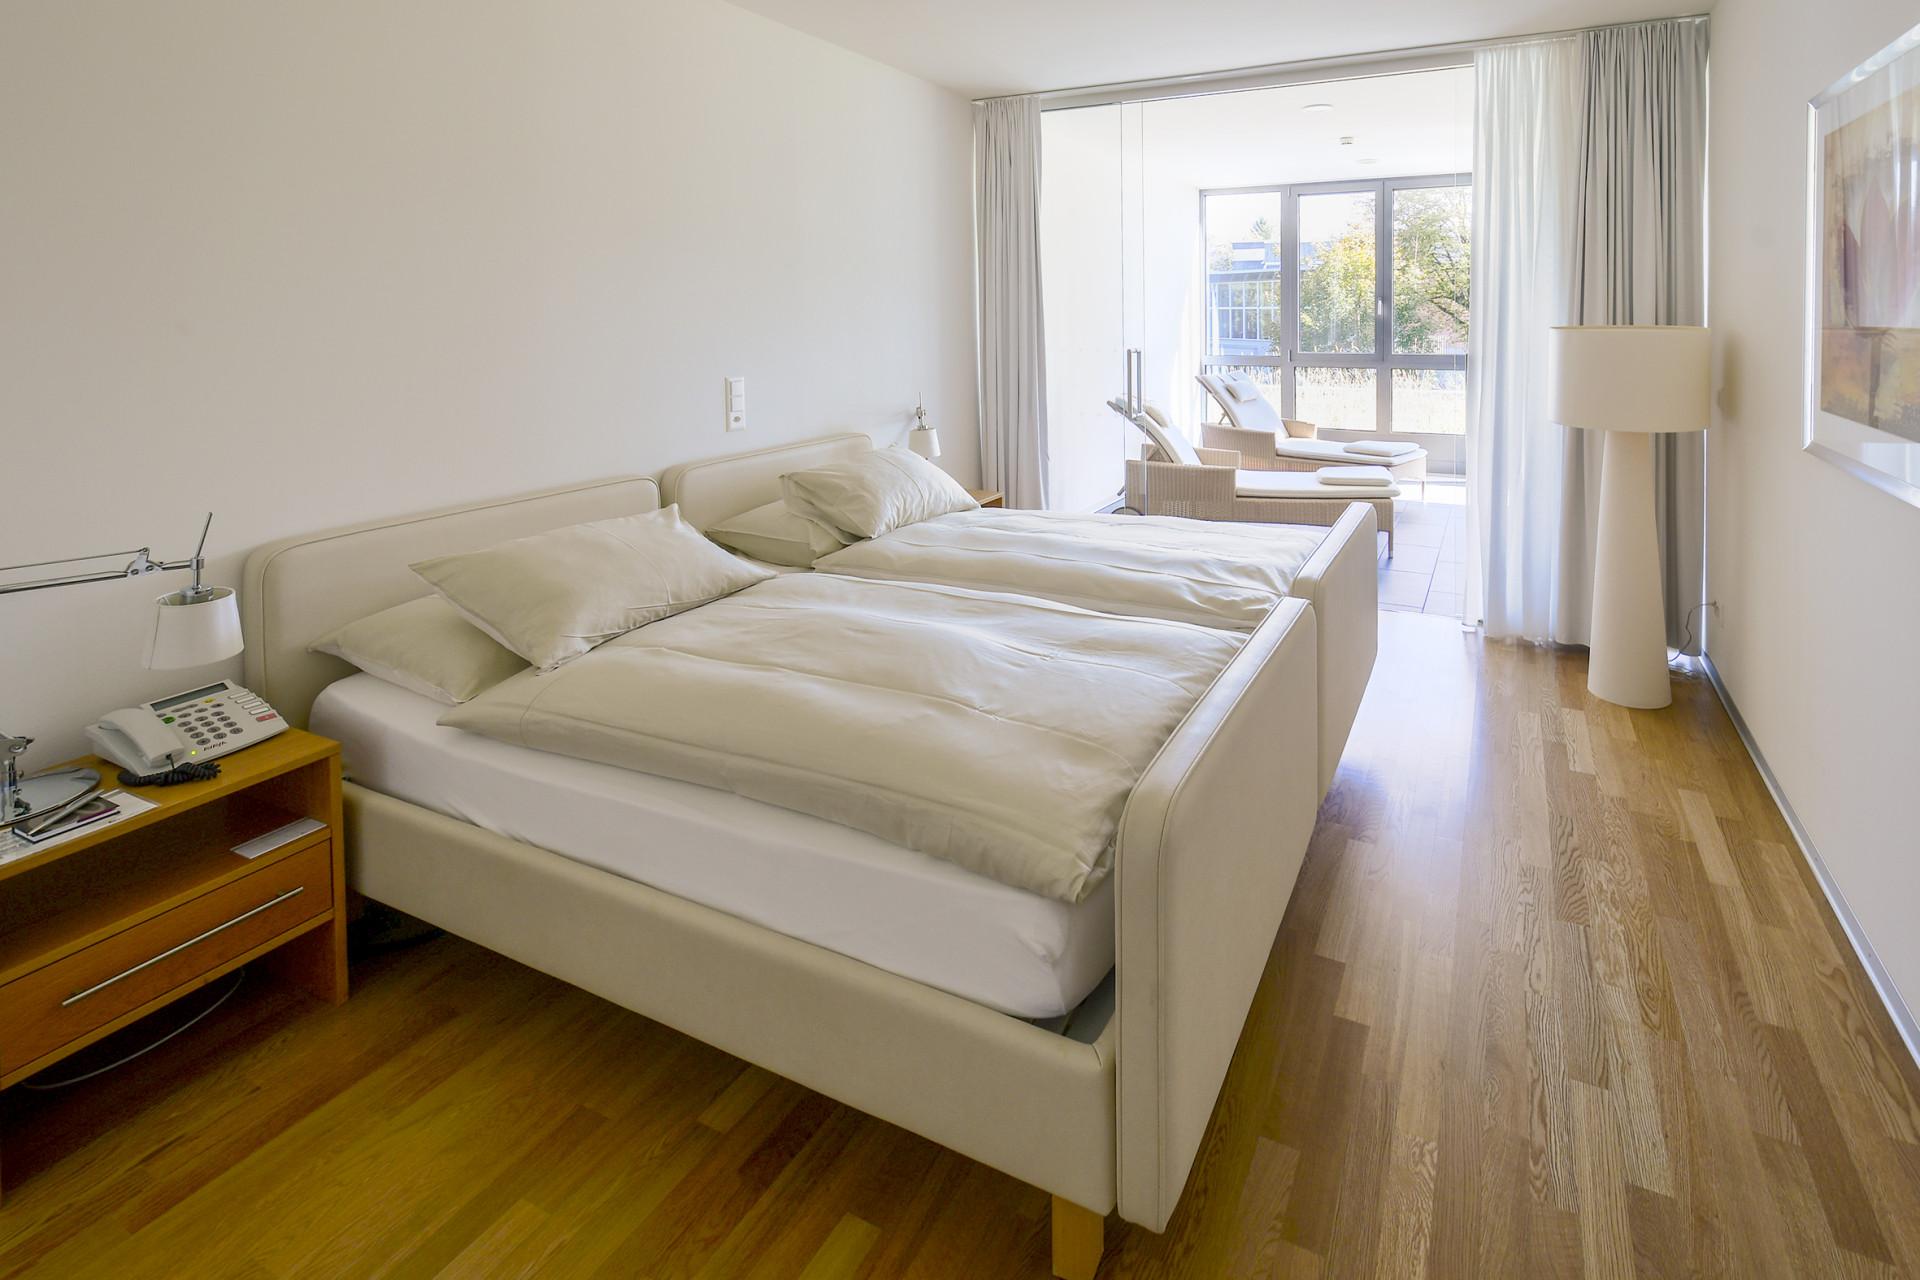 Schlafzimmer der Junior-Suite im Park-Hotel am Rhein